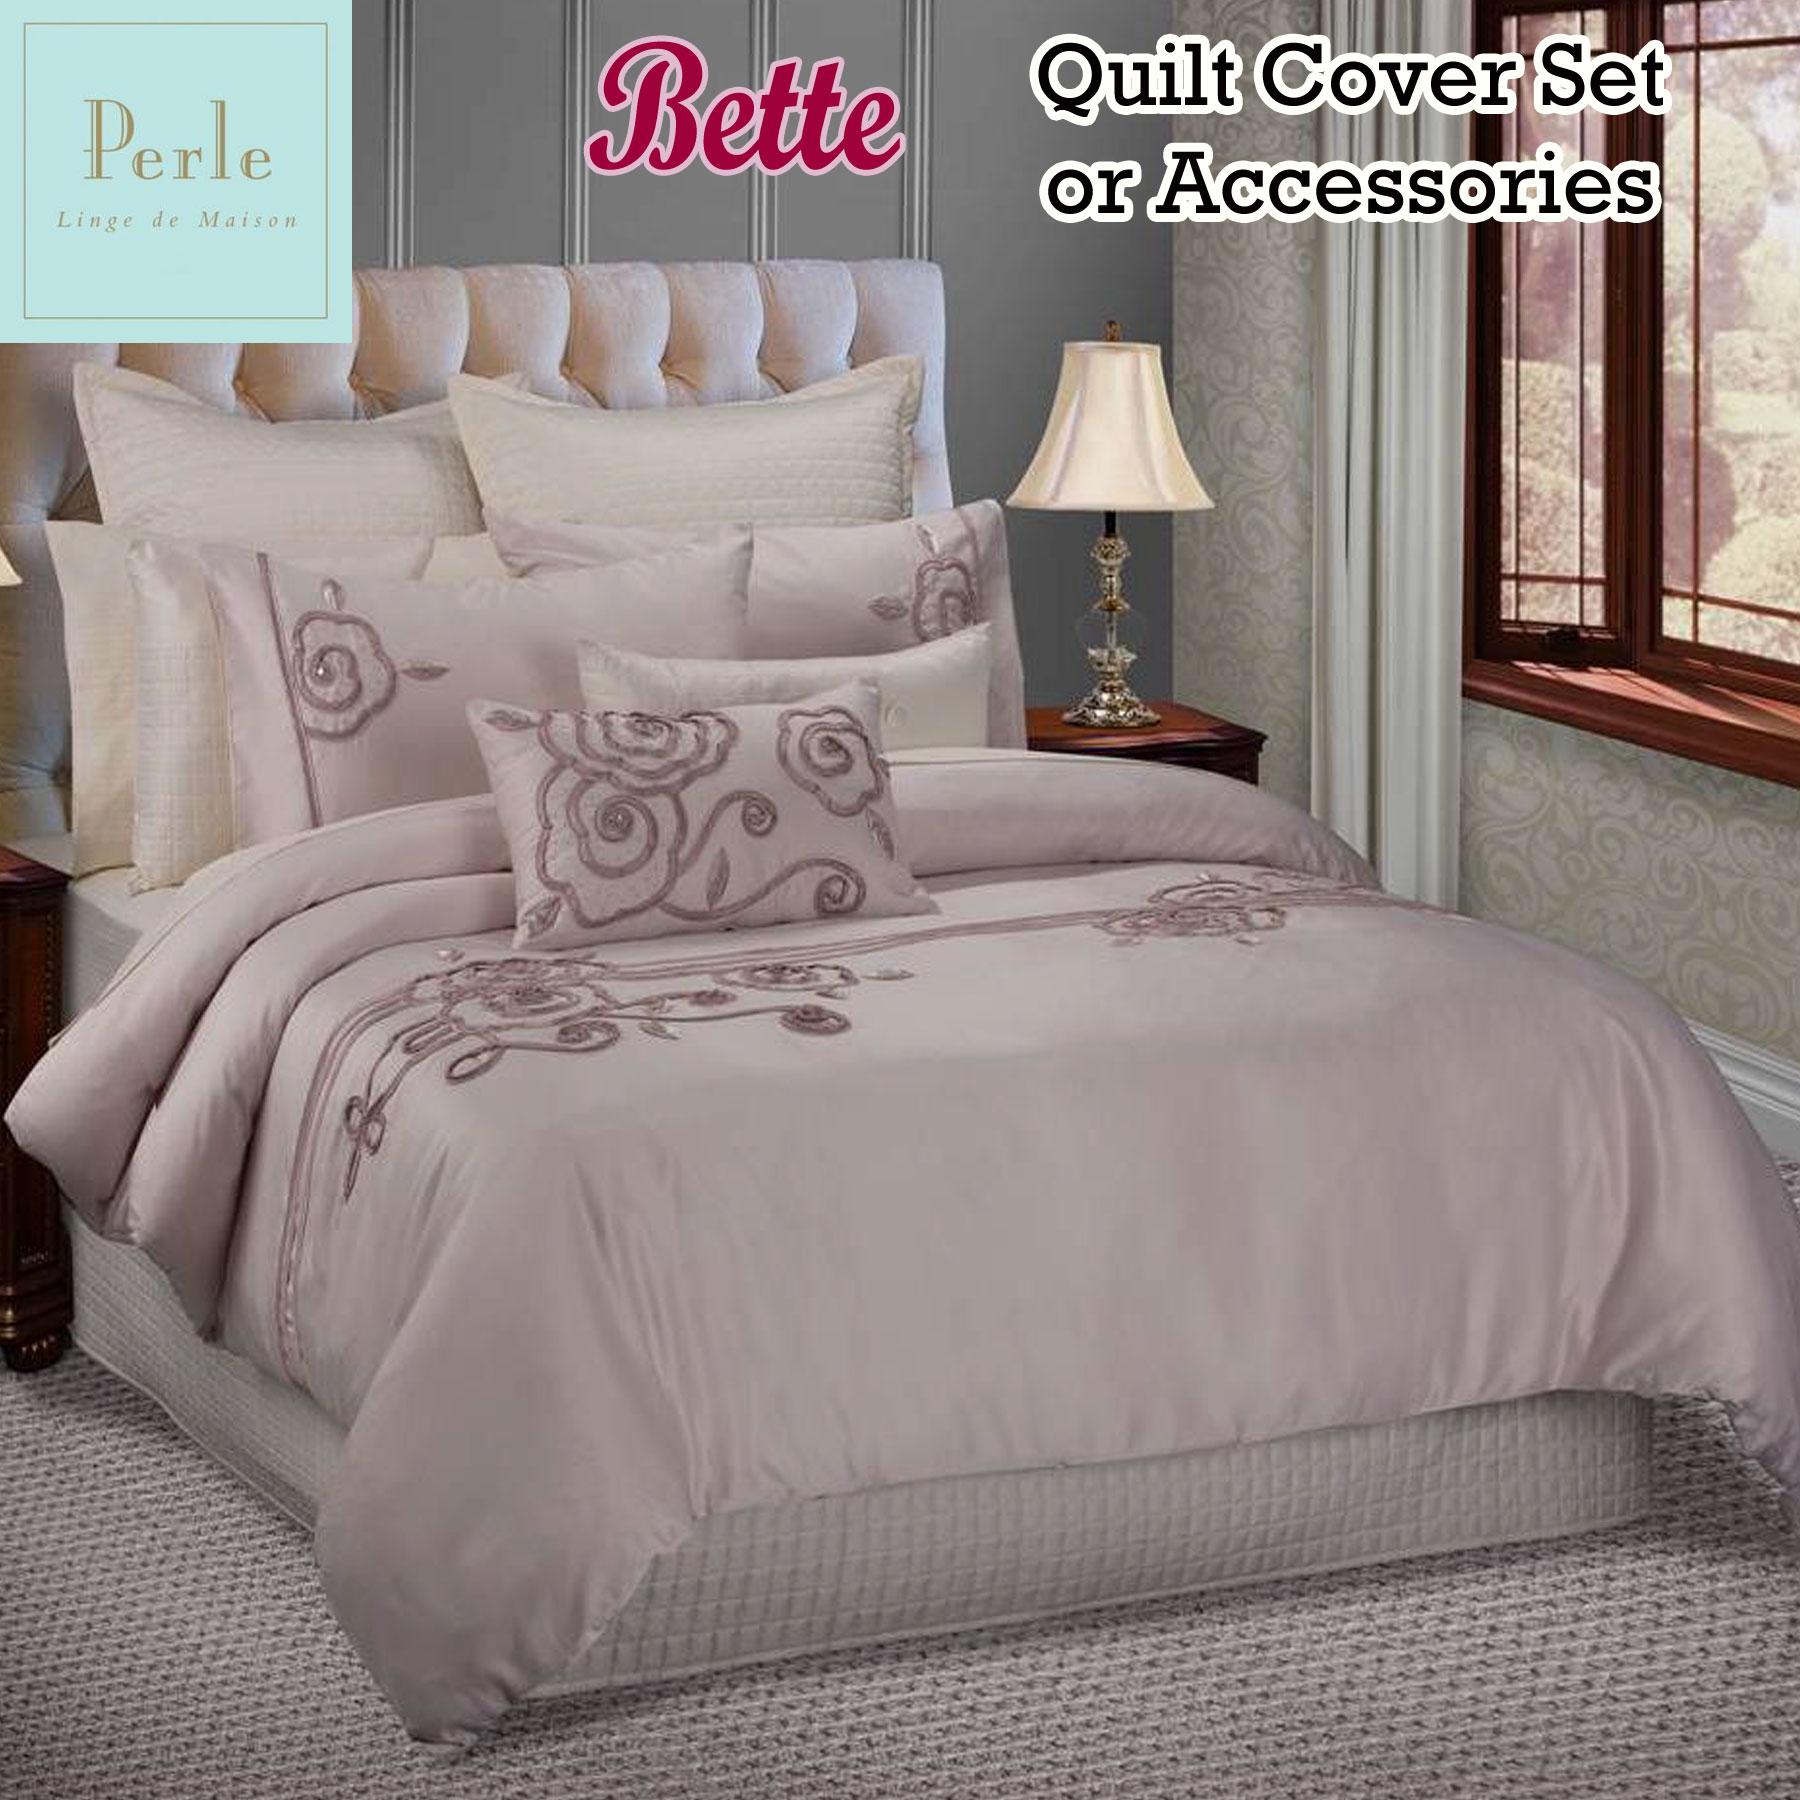 Bette blush quilt cover set or accessories by perle linge de maison